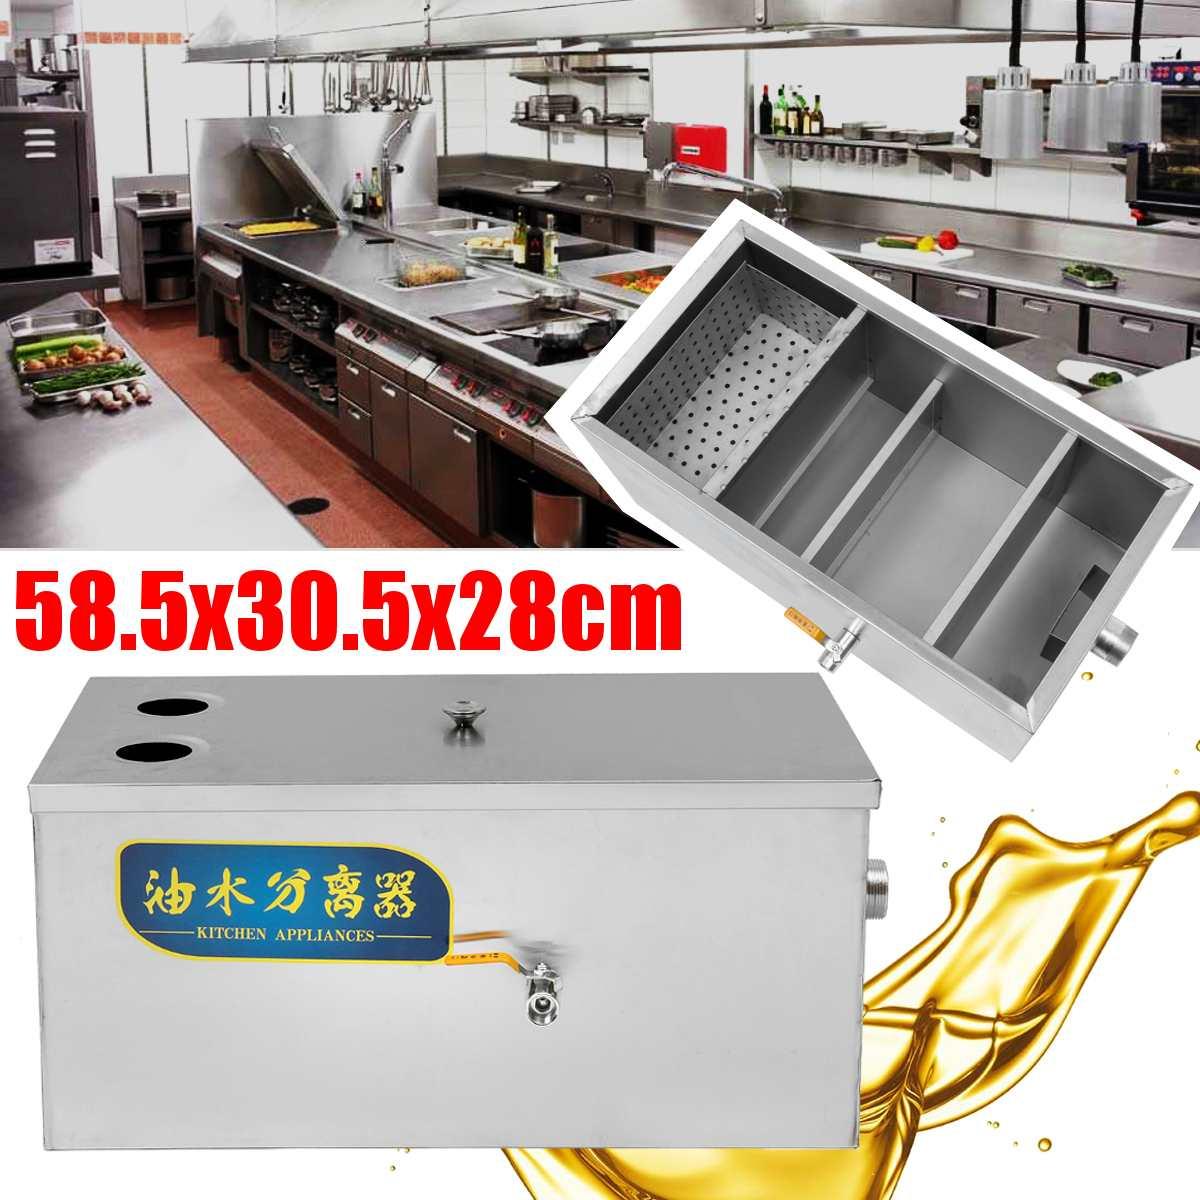 Grand intercepteur de piège à graisse d'acier inoxydable de 5000 ML réglé pour des déflecteurs amovibles de conception détachable d'eaux usées de cuisine de Restaurant